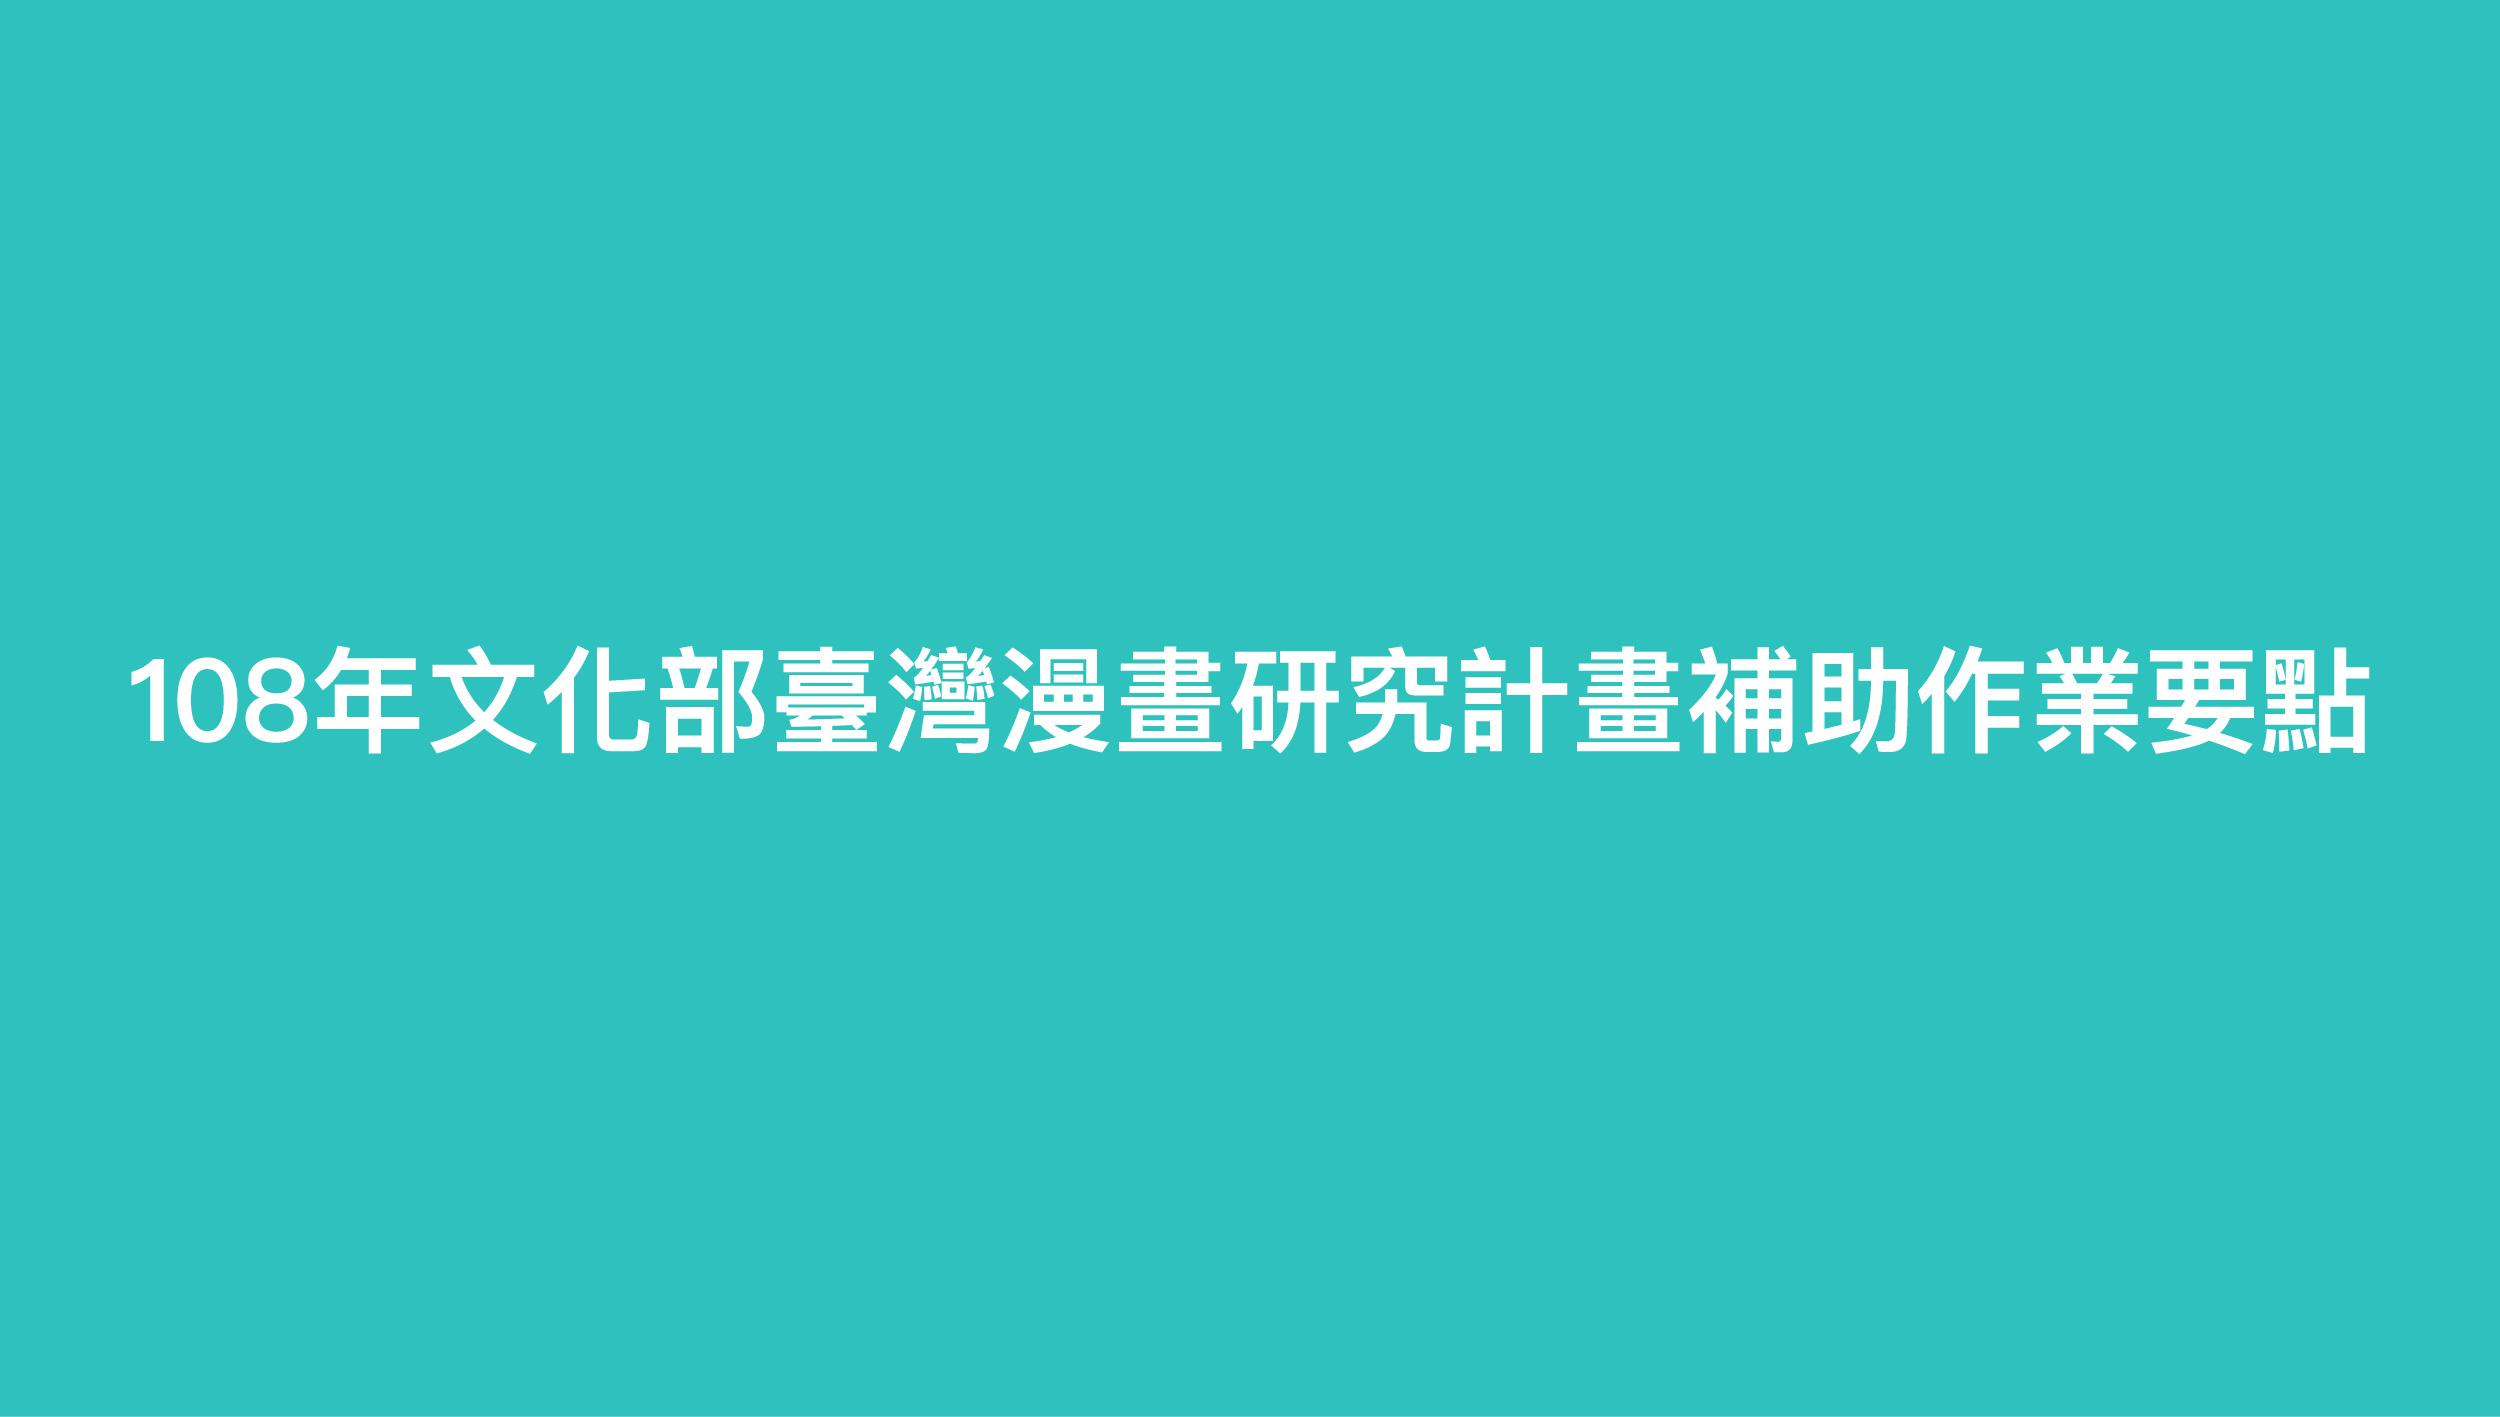 108年文化部臺灣漫畫研究計畫補助作業要點